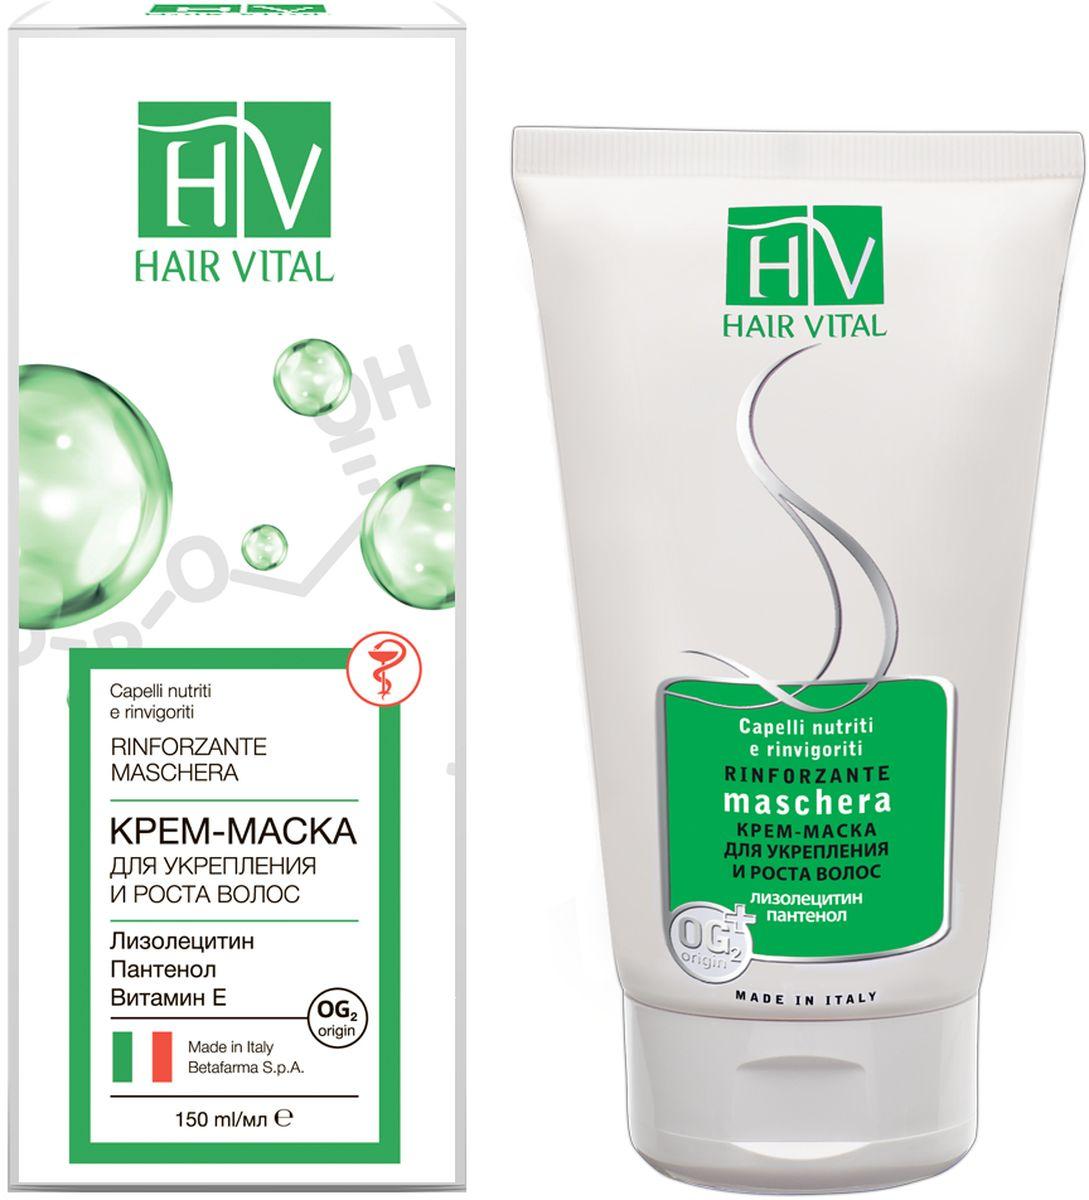 Hair Vital Крем-маска для укрепления и роста волос, 150 мл65090• Питает и укрепляет волосы • Стимулирует рост новых волос • Улучшает микроциркуляцию волосяных фолликулов • Придает волосам блеск и эластичность • Подходит для ежедневного использования Активные компоненты: лизолецитин, пантенол, витамин Е, OG2